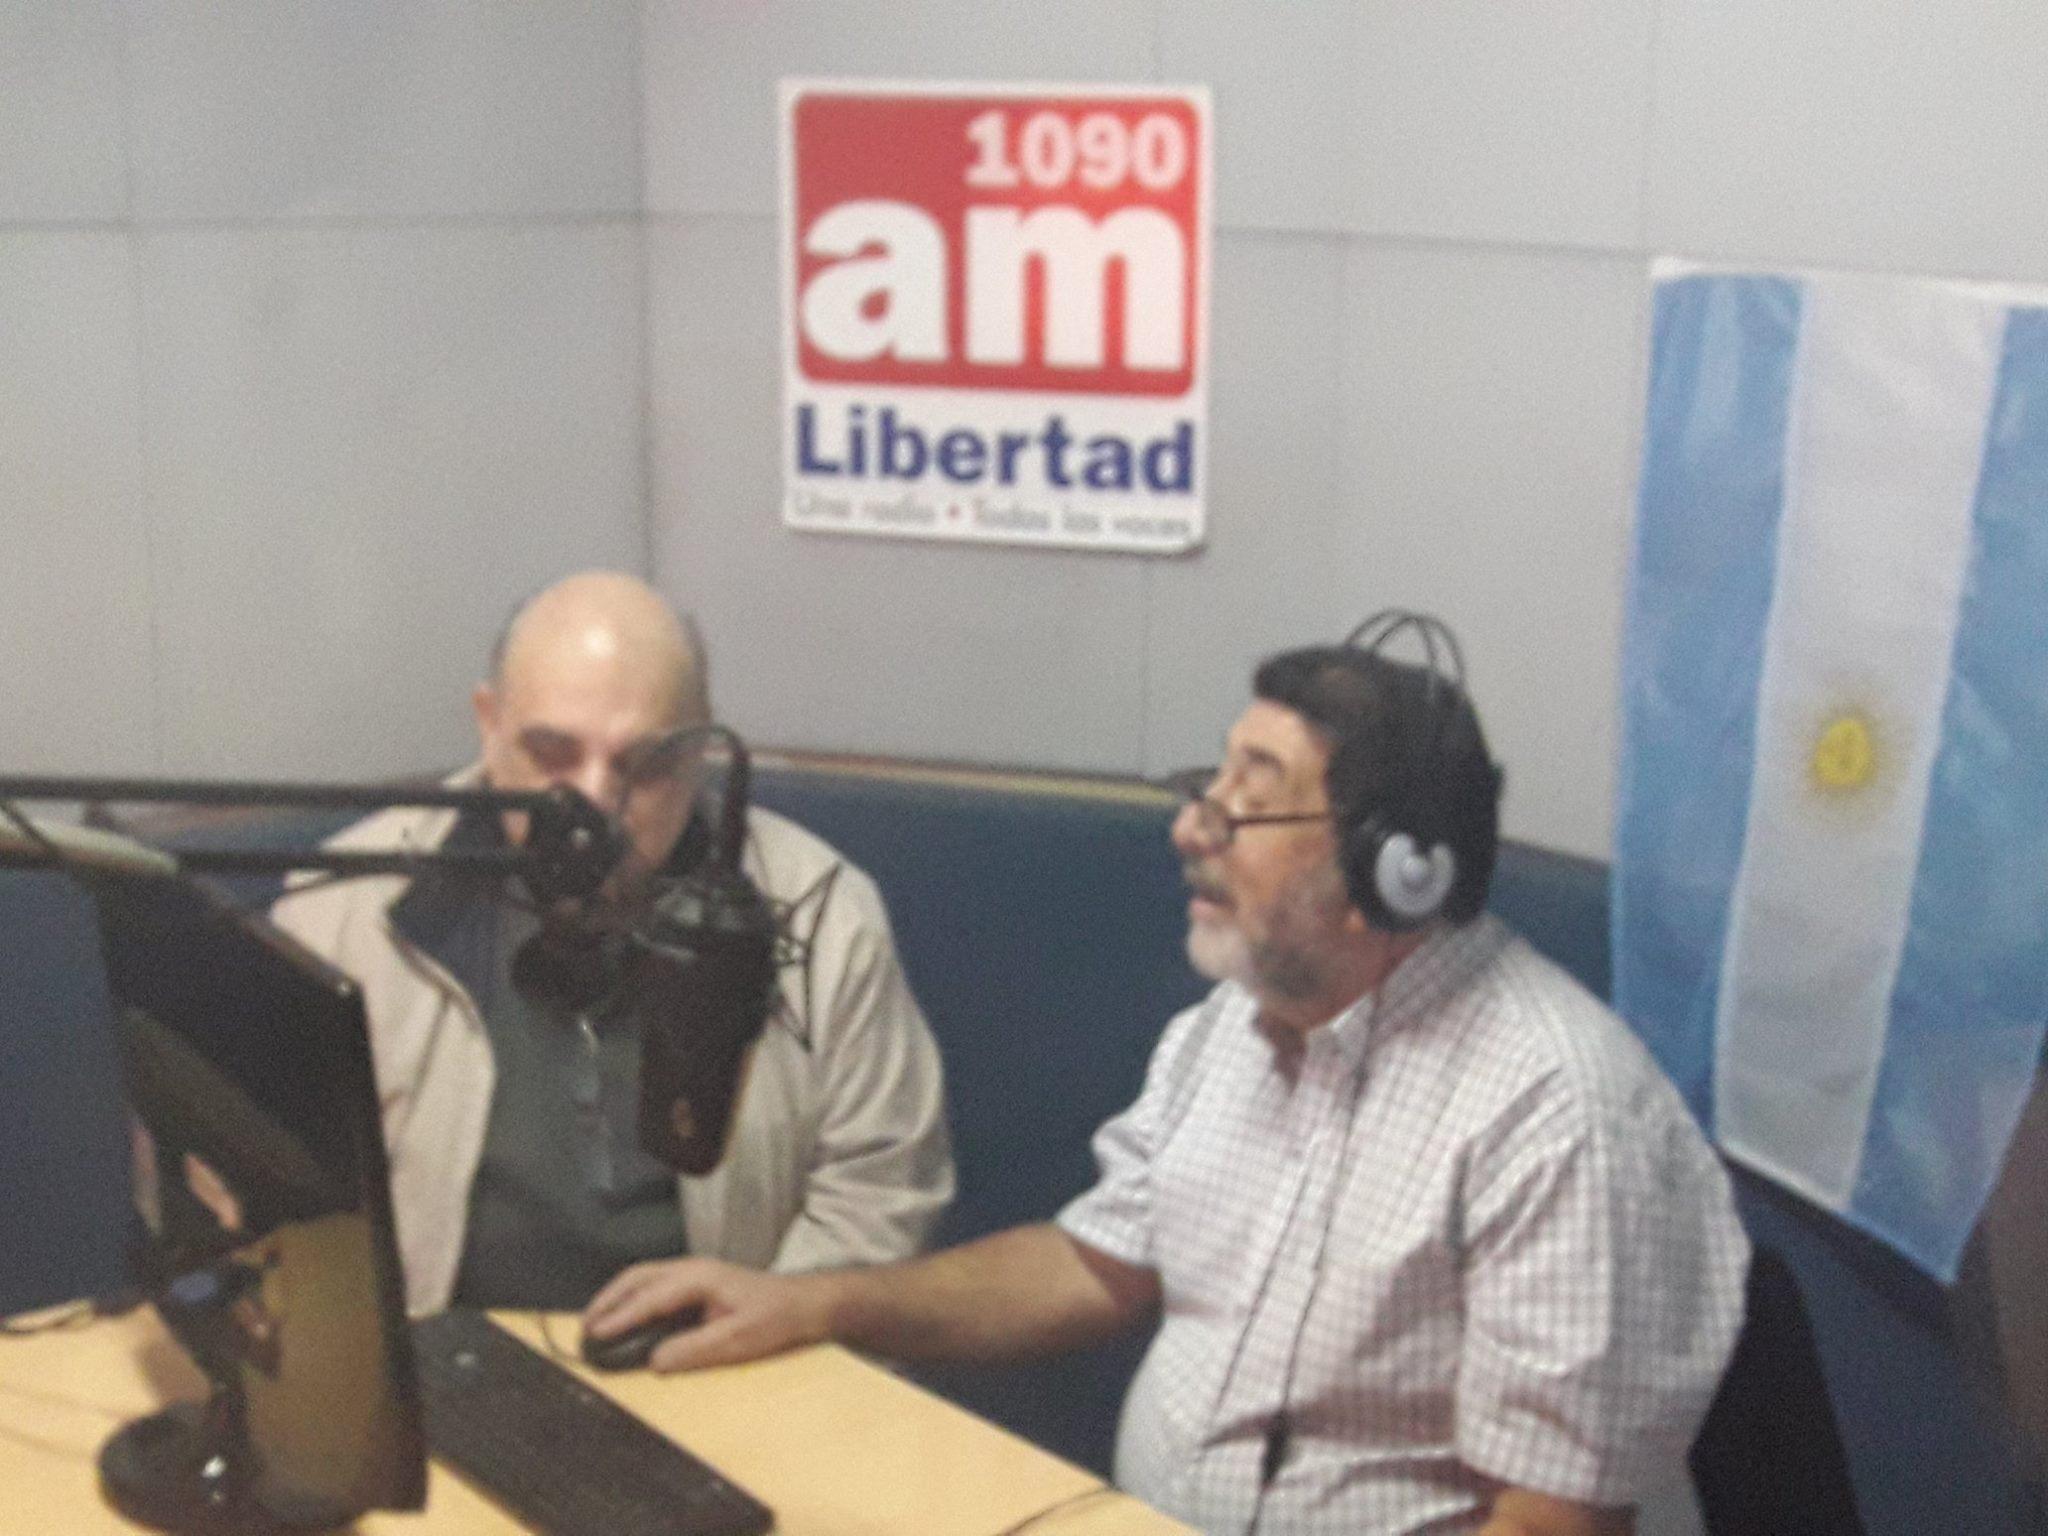 """Biondini en los estudios de AM Libertad 1090 de Rosario dialogando con el periodista Hugo Fernández Moreno, conductor del programa """"El Protagonista"""" (foto 2)"""